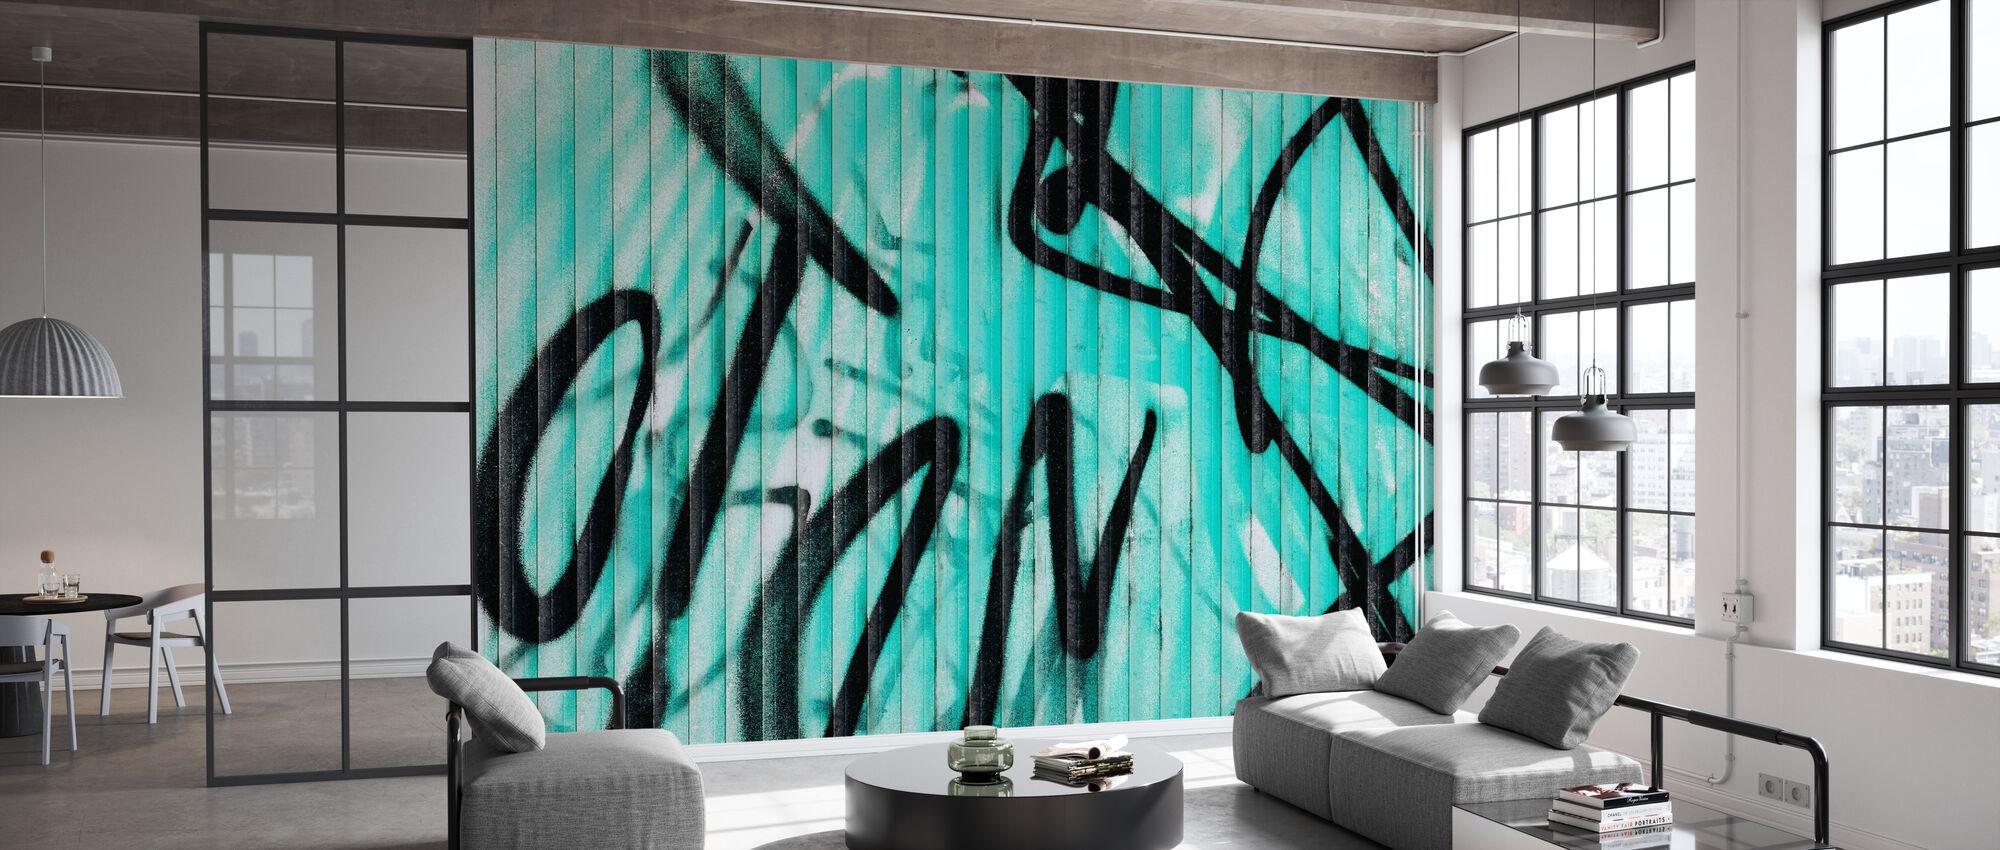 Graffiti Décoration murale - Papier peint - Bureau